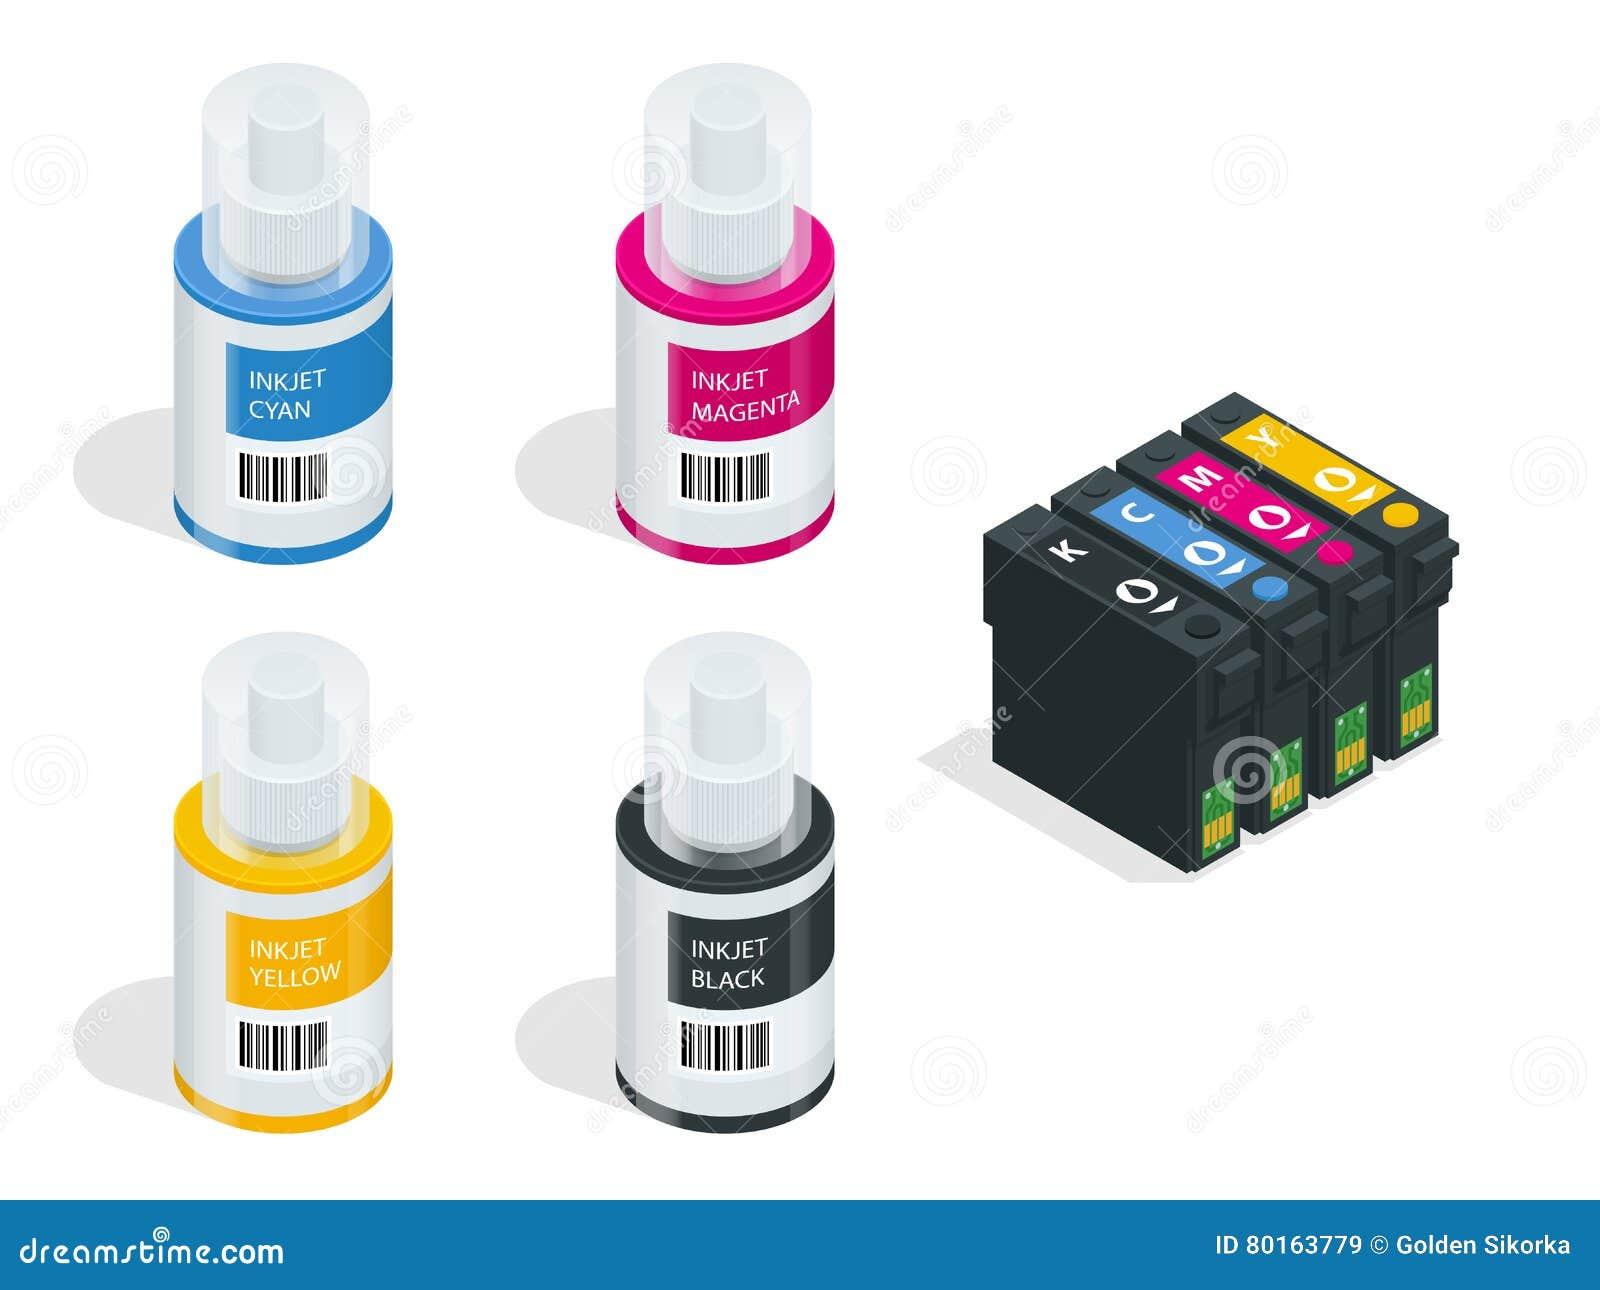 等量CMYK套喷墨打印机和颜色图表的弹药筒 颜色喷墨机的空的适于再装的弹药筒